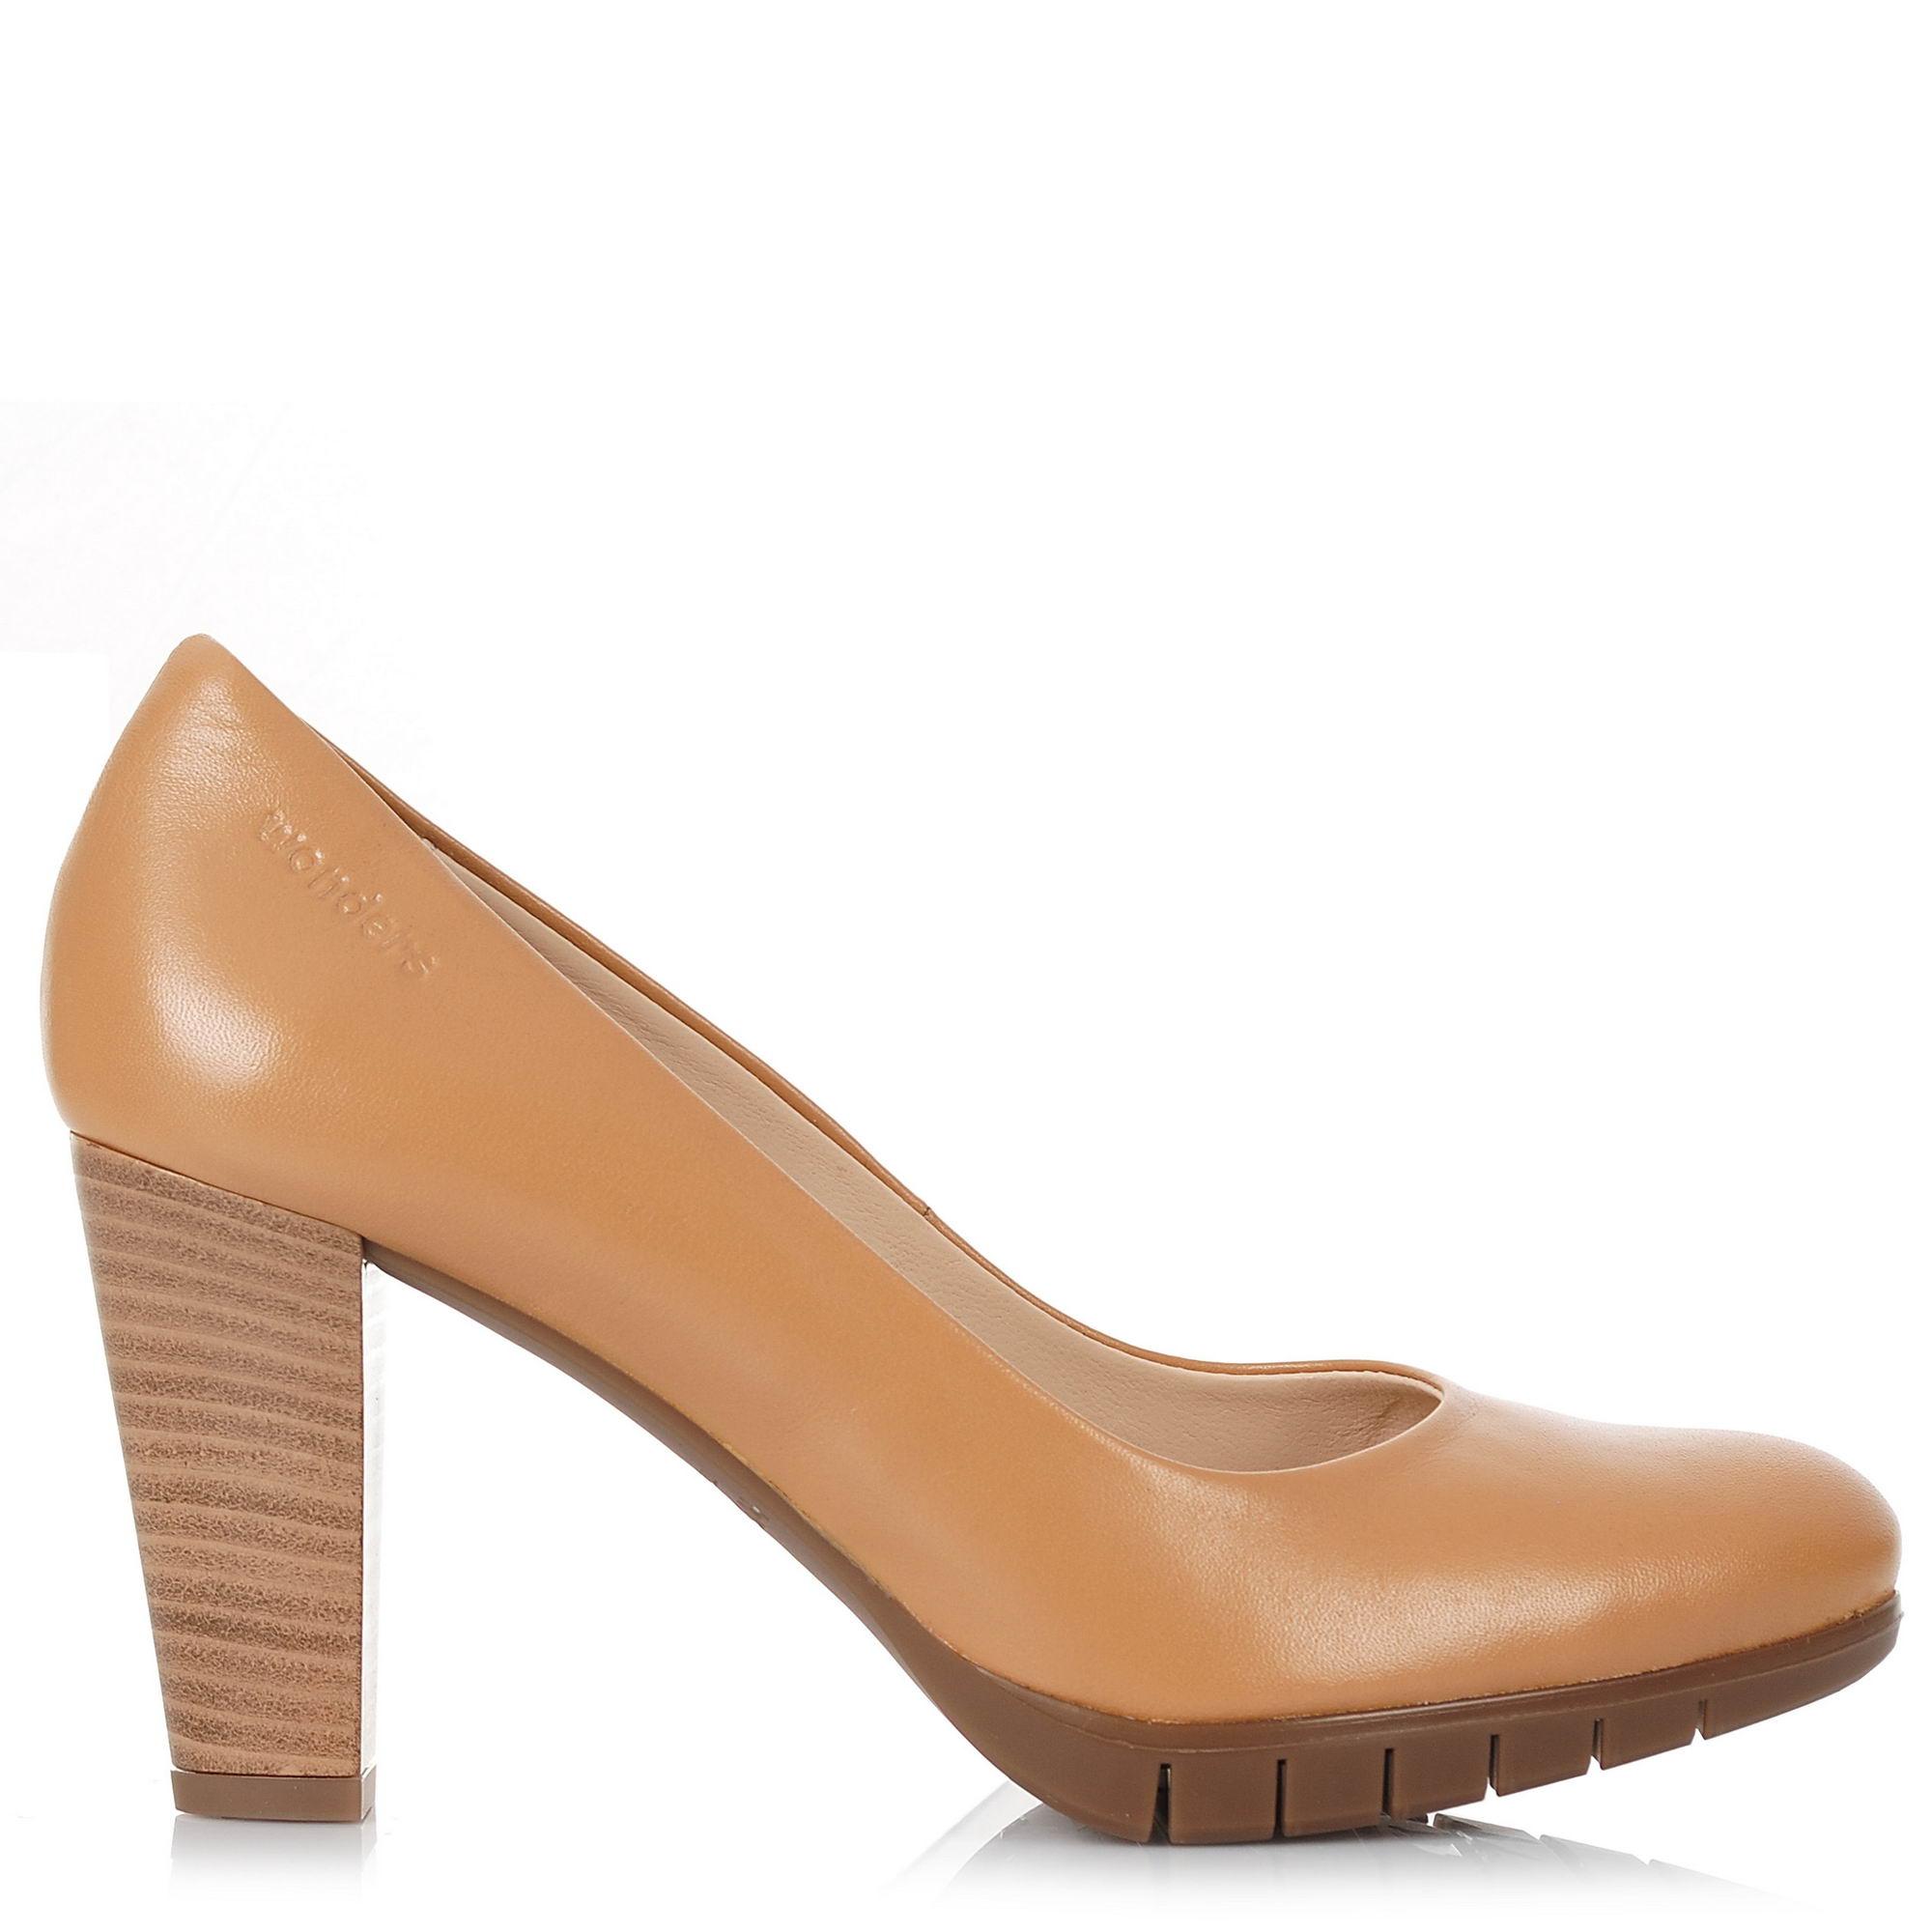 Δερμάτινες Γόβες Wonders M-1960 γυναικα   γυναικείο παπούτσι